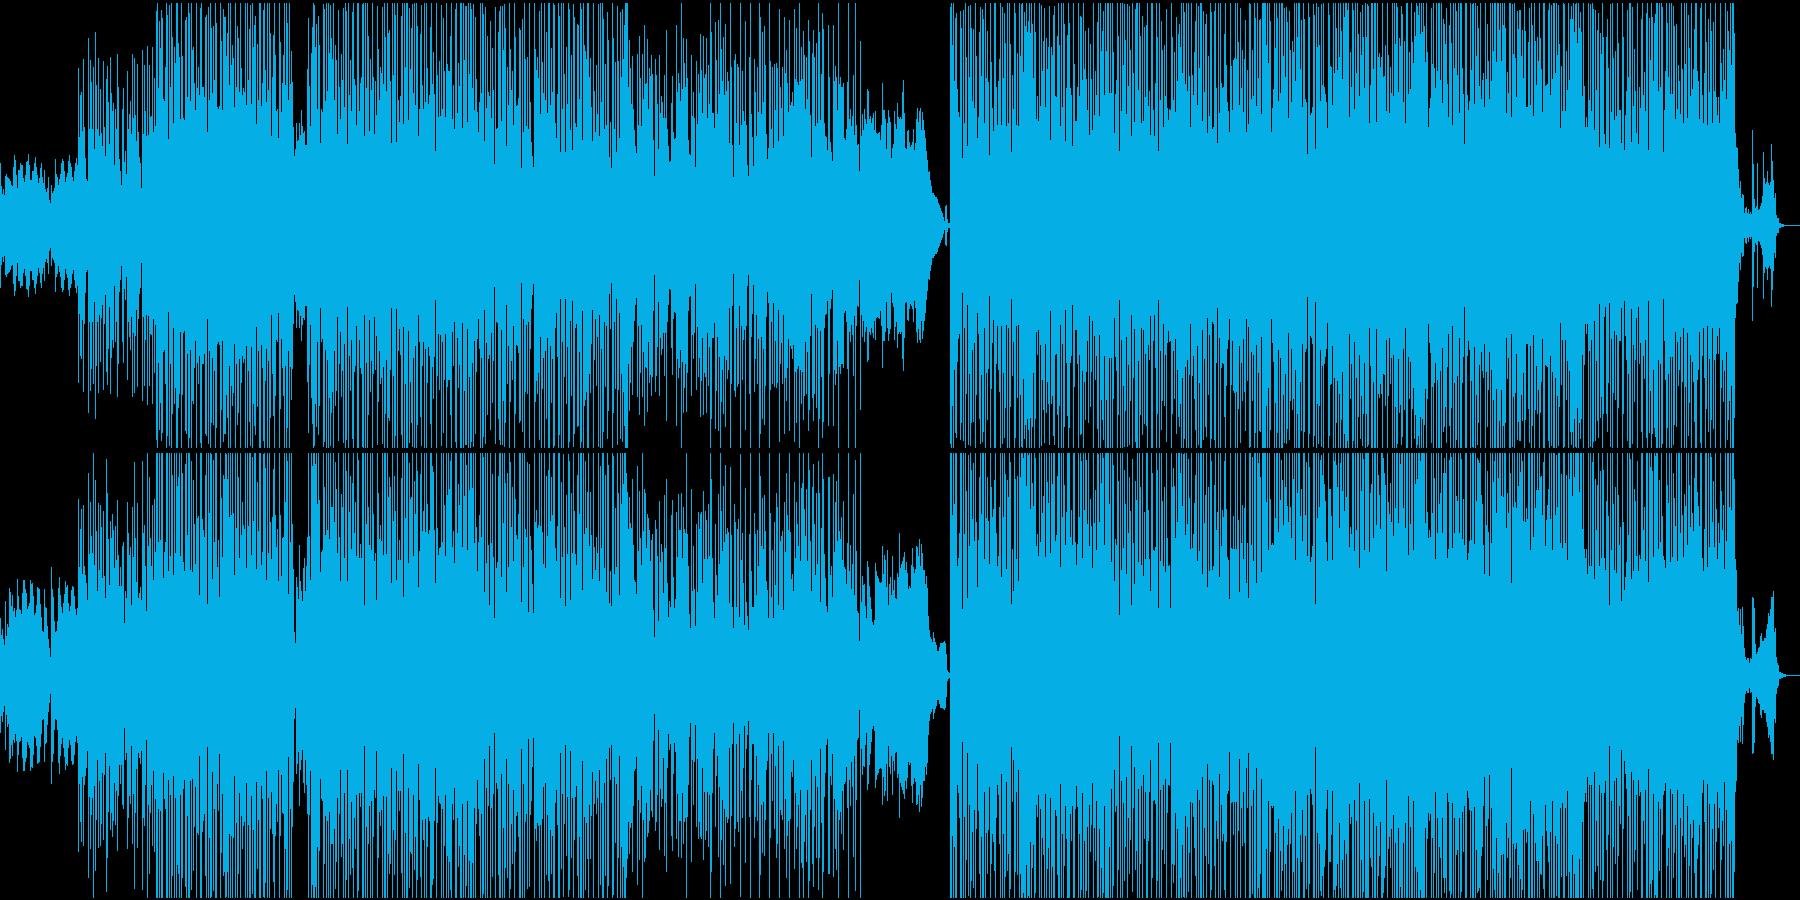 ビデオゲームスタイルのサウンドトラックの再生済みの波形